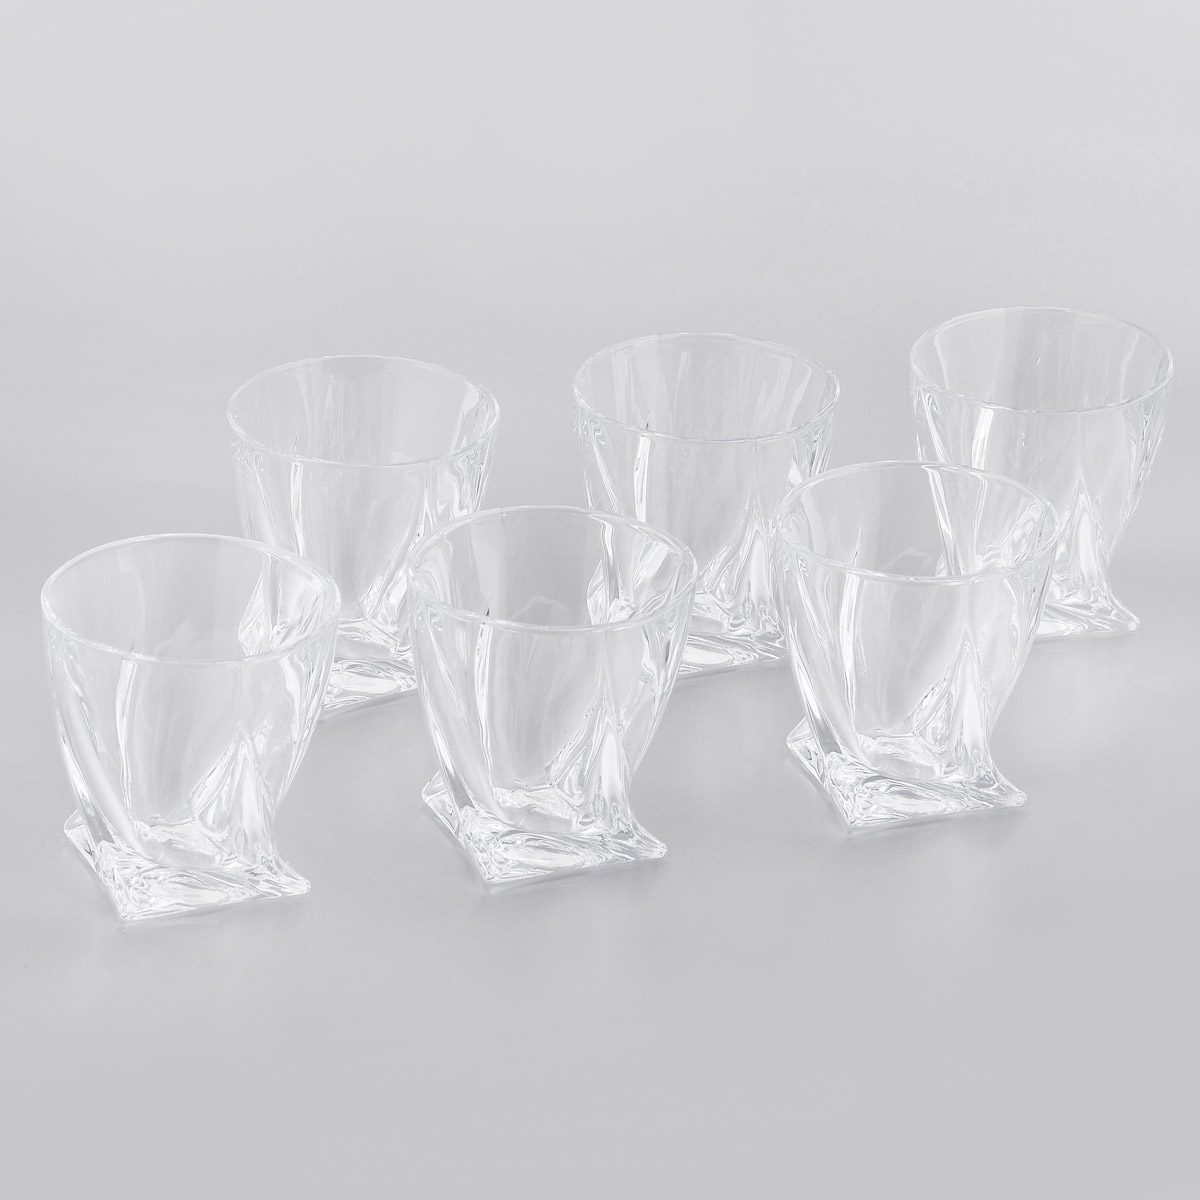 """Набор Crystalite Bohemia """"Квадро"""" состоит из шести стаканов, выполненных из прочного утолщенного стекла """"кристалайт"""". Стаканы предназначены для подачи виски. Они излучают приятный блеск и издают мелодичный звон. Стаканы сочетают в себе элегантный дизайн и функциональность. Благодаря такому набору пить напитки будет еще вкуснее.Набор стаканов Crystalite Bohemia """"Квадро"""" прекрасно оформит праздничный стол и создаст приятную атмосферу за романтическим ужином. Такой набор также станет хорошим подарком к любому случаю. Можно мыть в посудомоечной машине."""